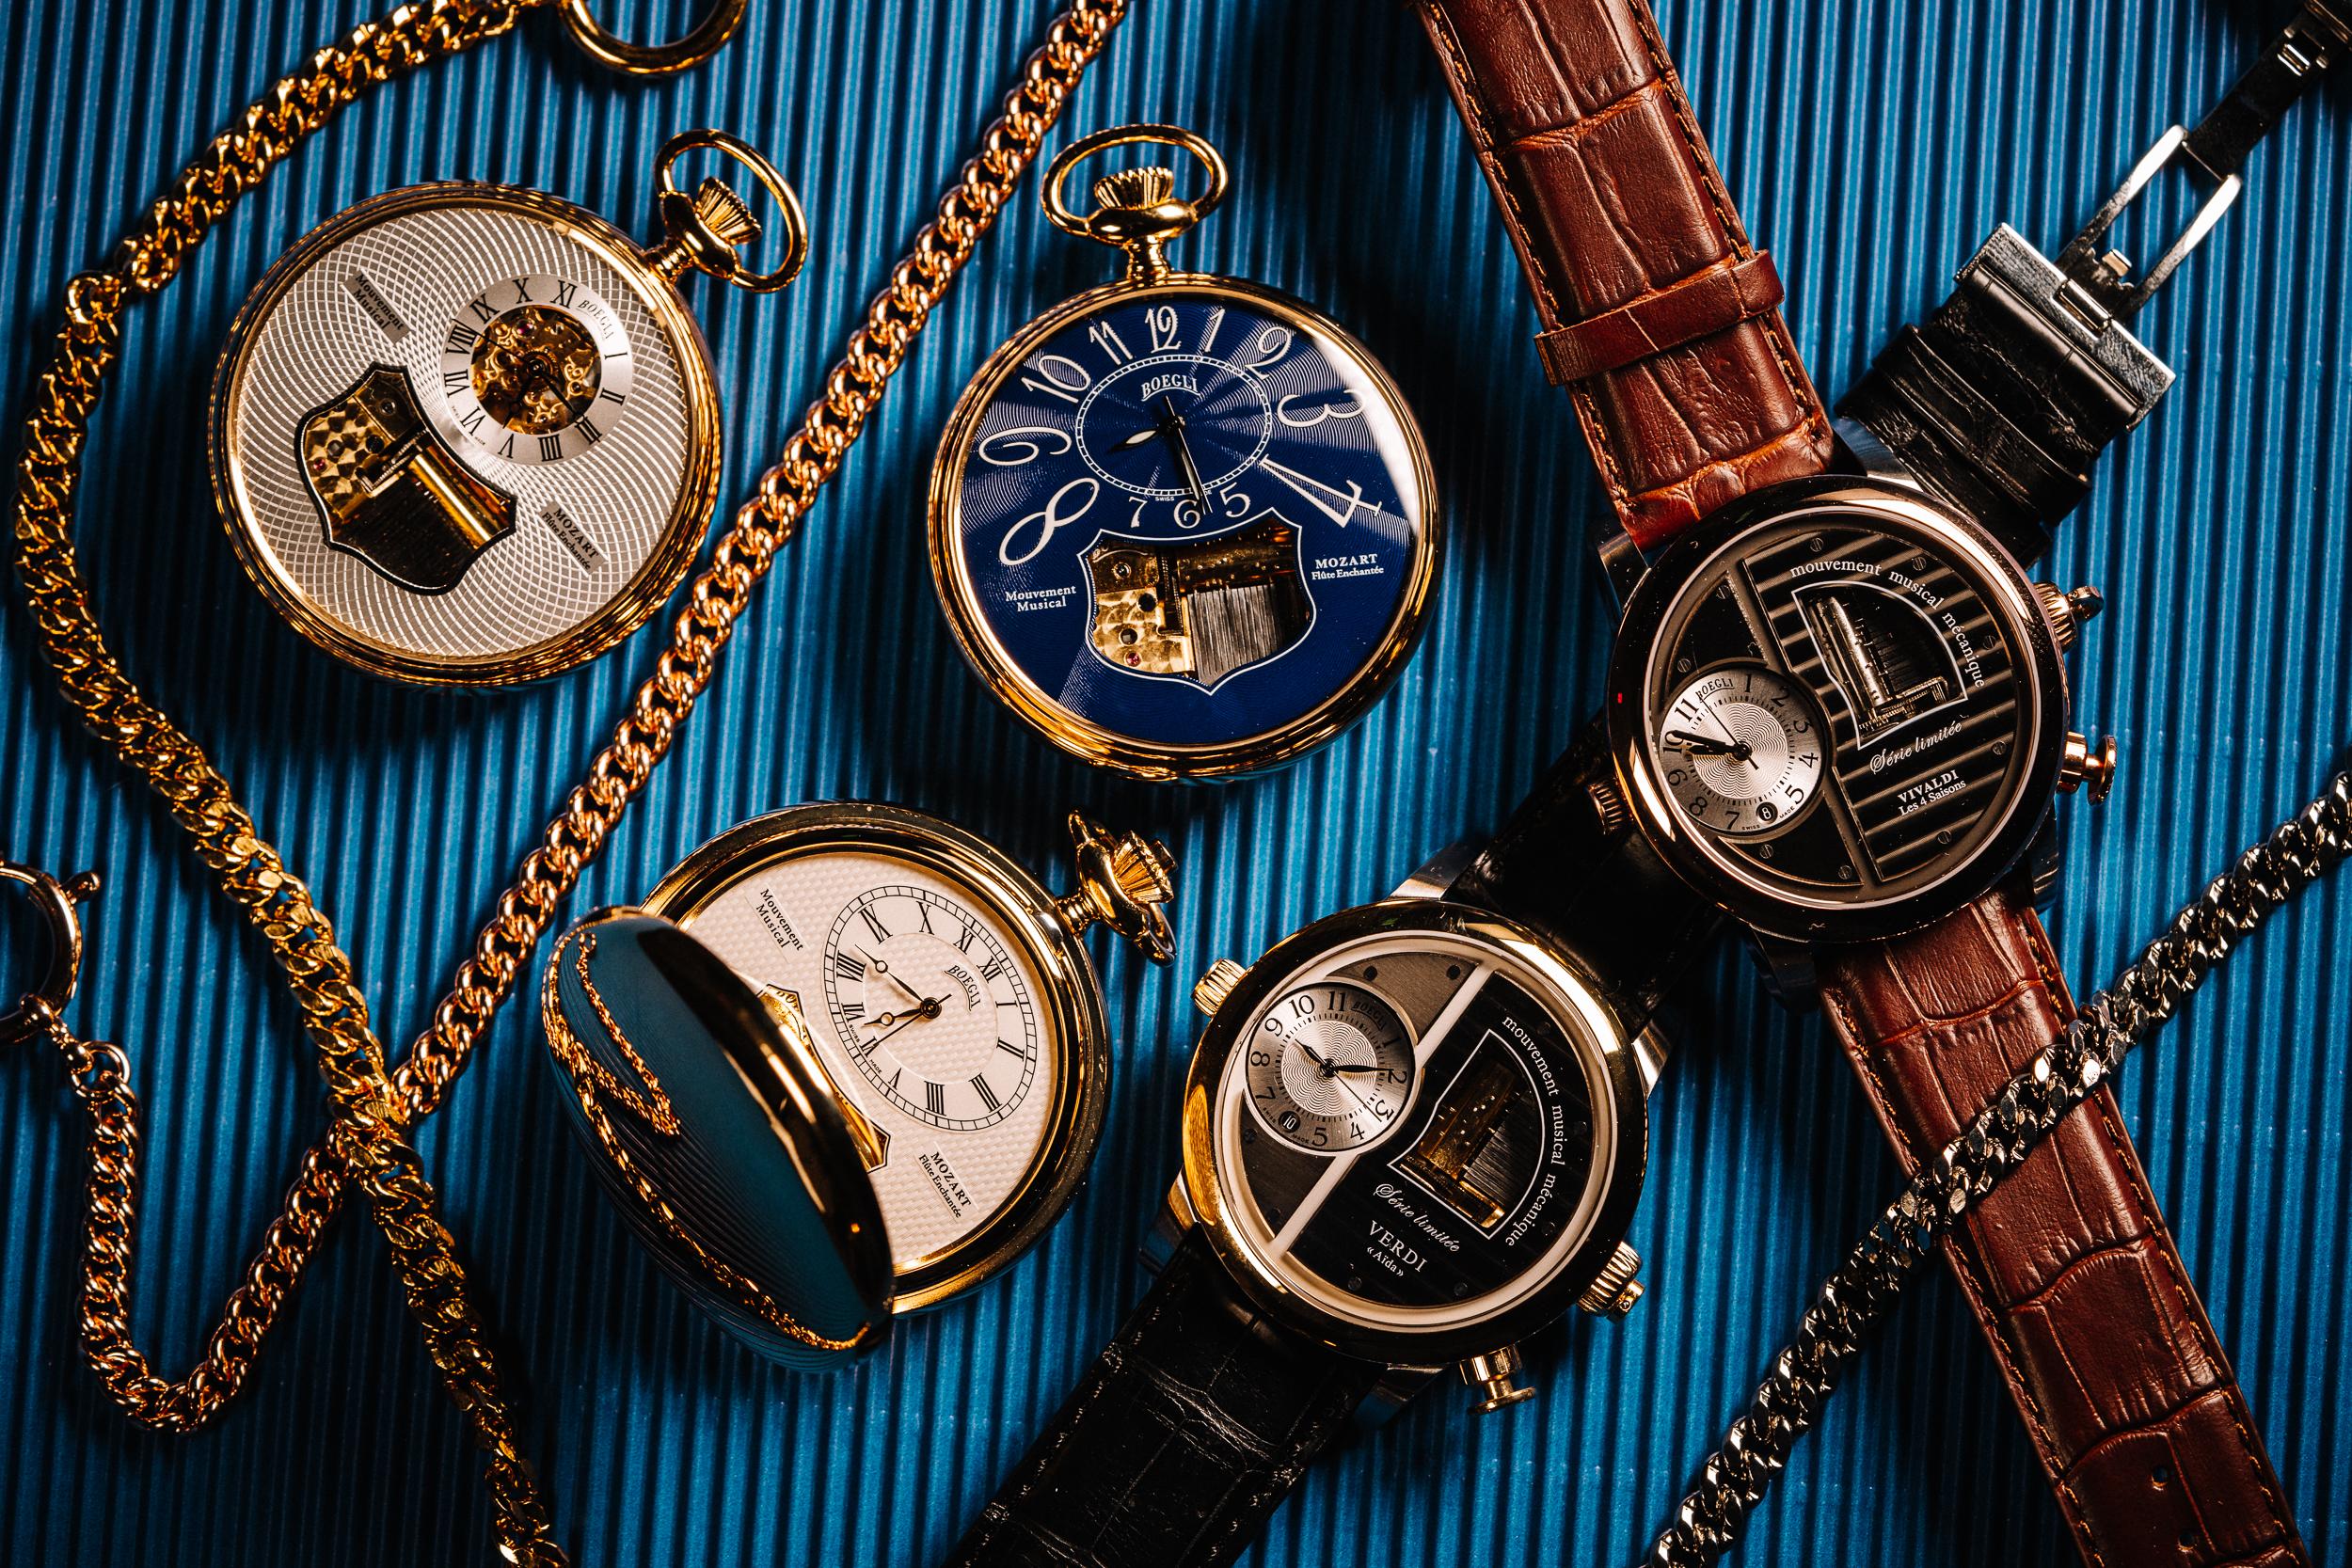 boegli2 207 2 - Music & Watches : In Conversation with Vitali Pavlov CEO Boegli Watches